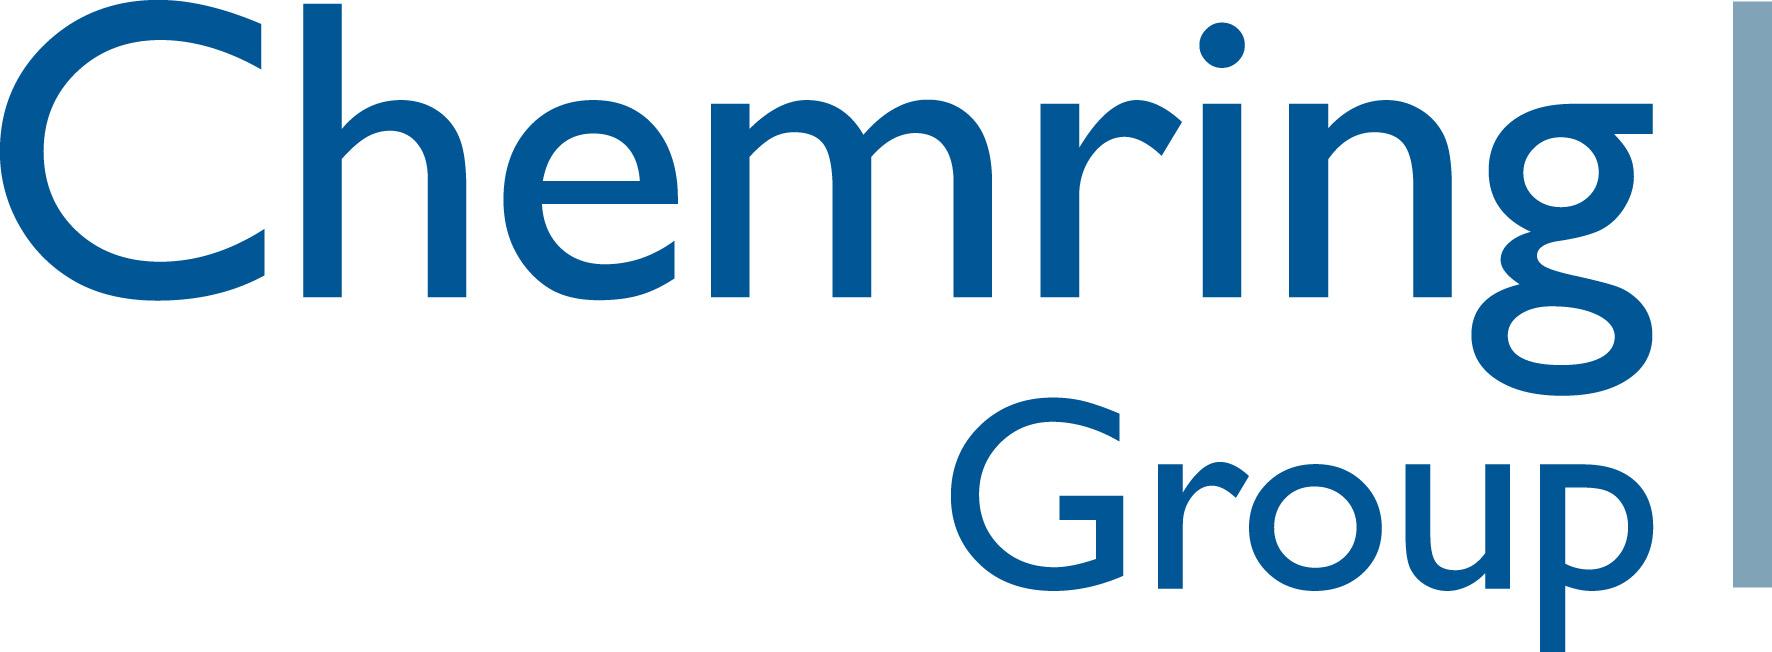 Chemring Group plc logo